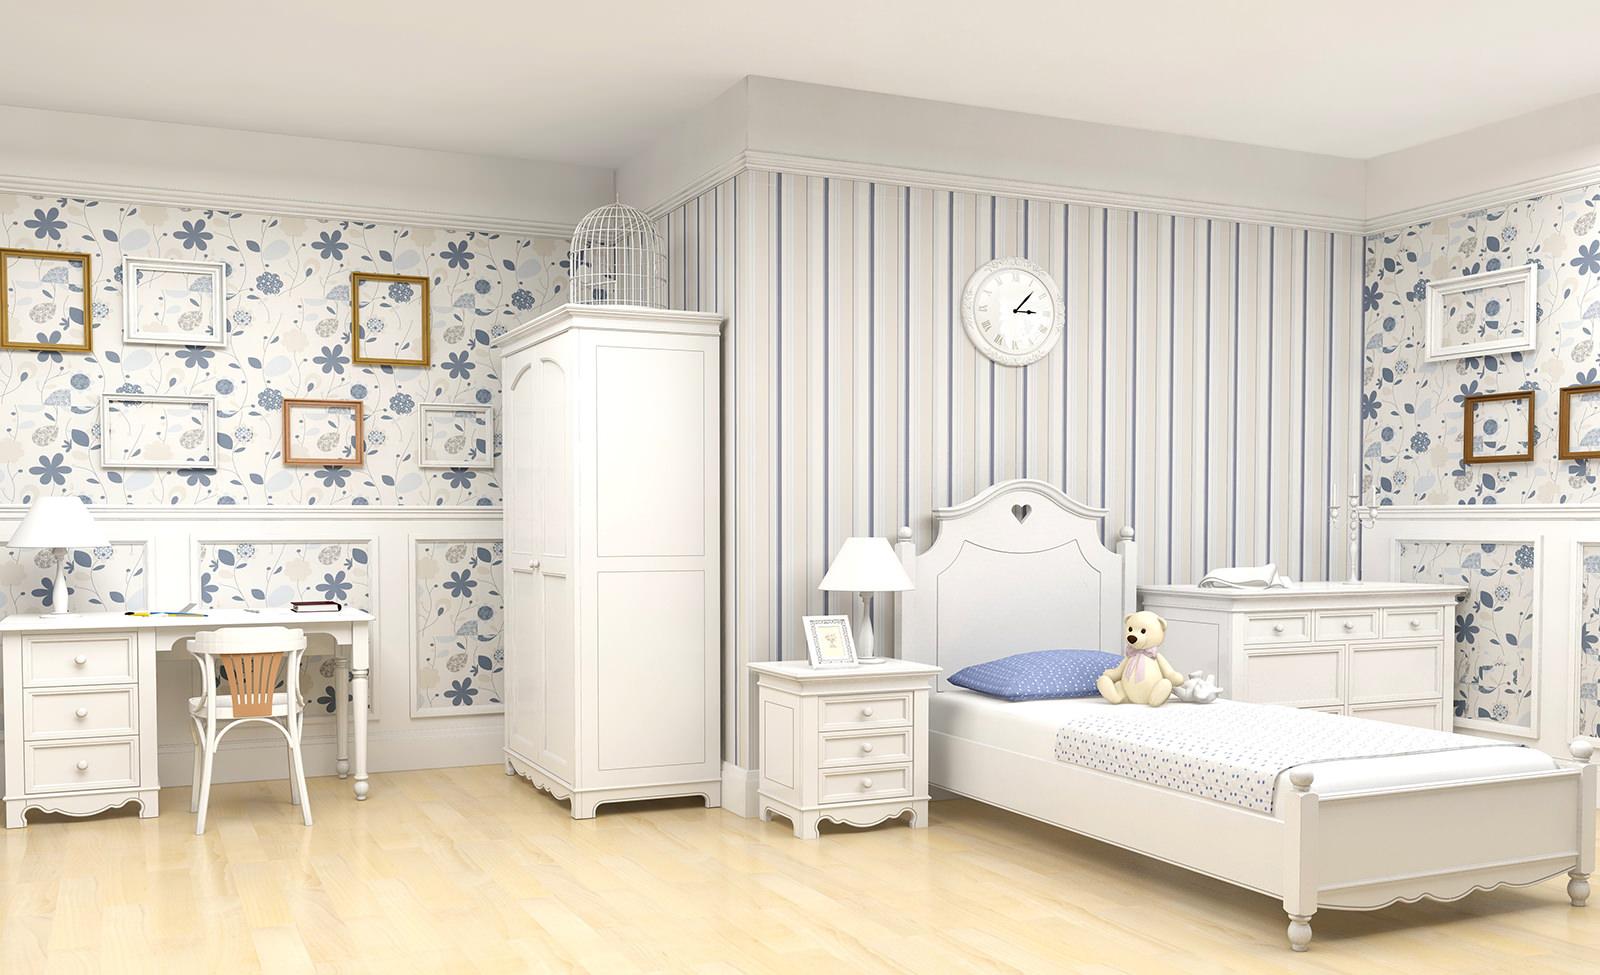 Украшение комнаты ребенка в стиле прованс